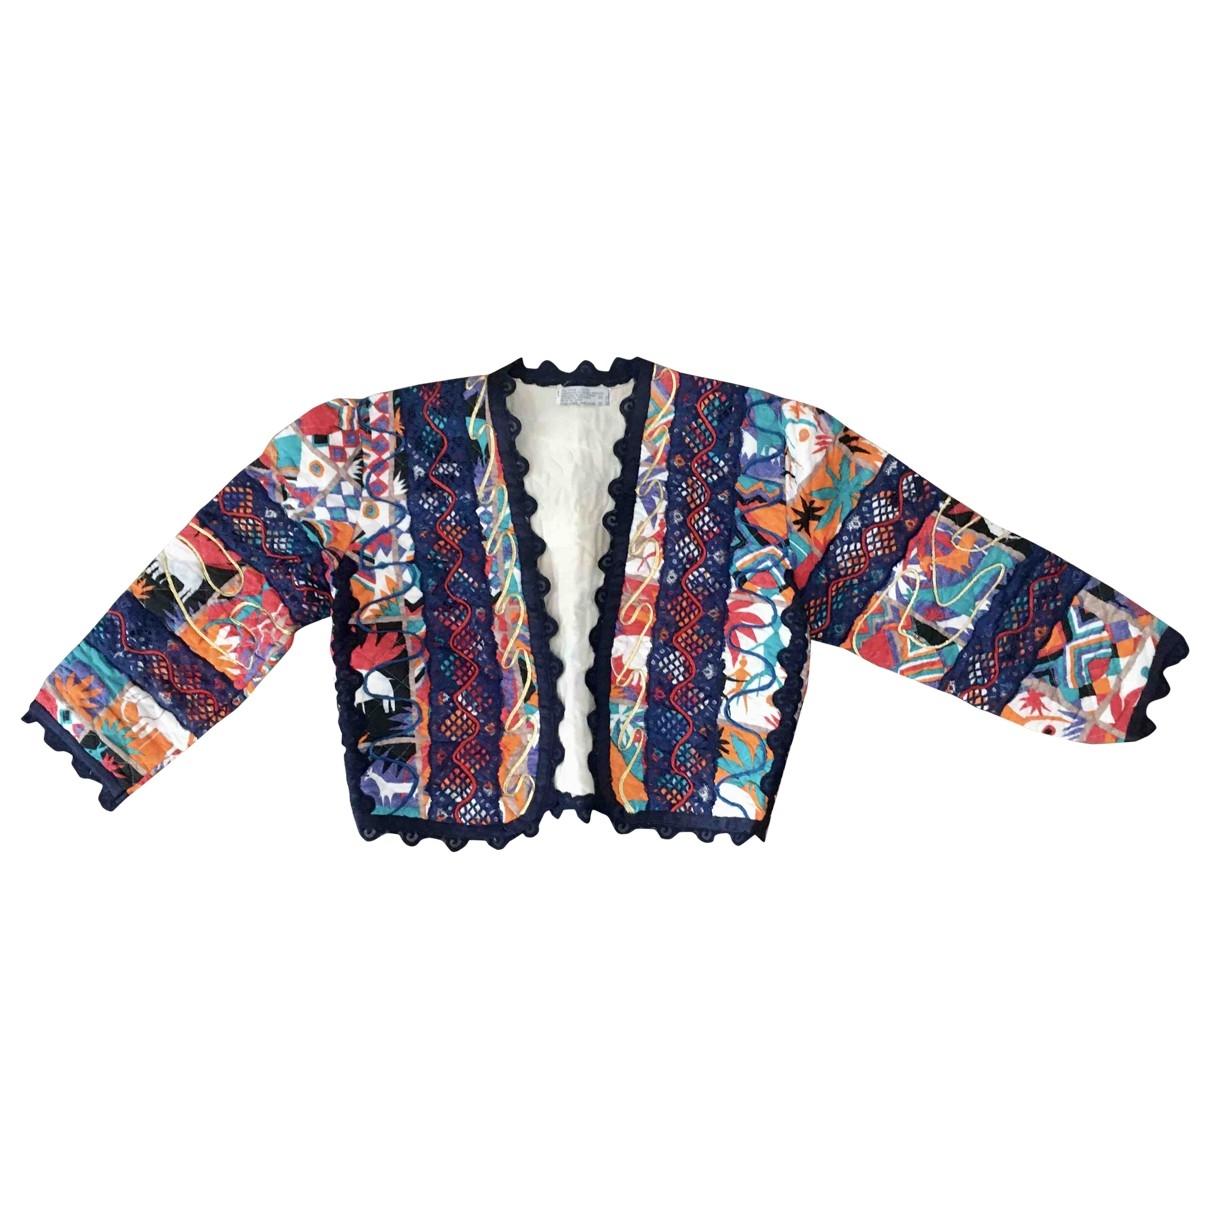 - Veste Hippie Chic pour femme en coton - multicolore